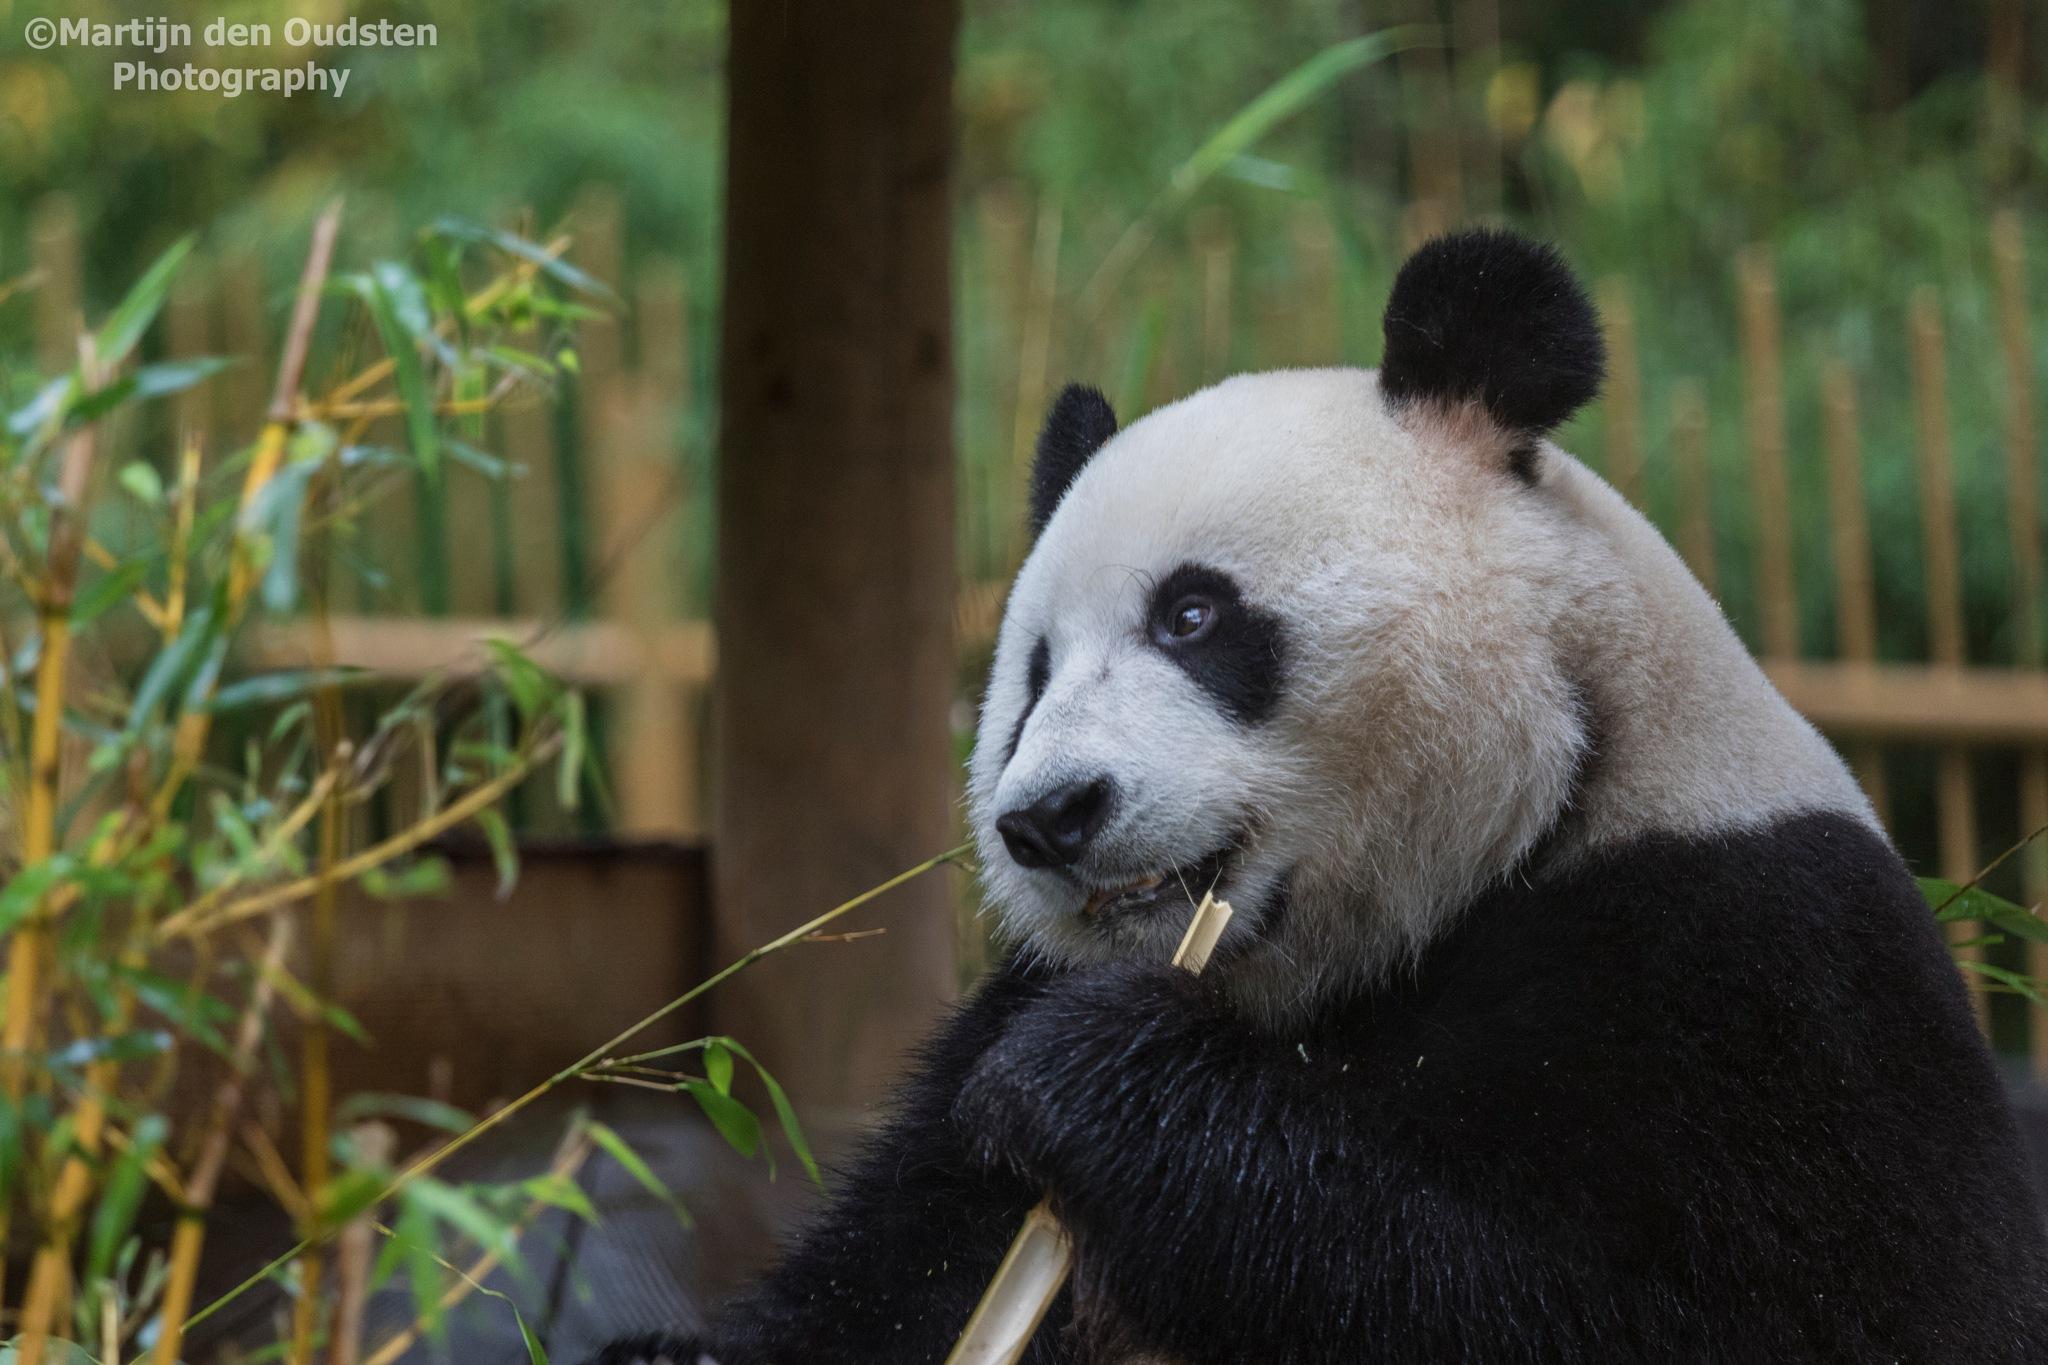 Panda enjoyning her bamboo by Martijn Den Oudsten